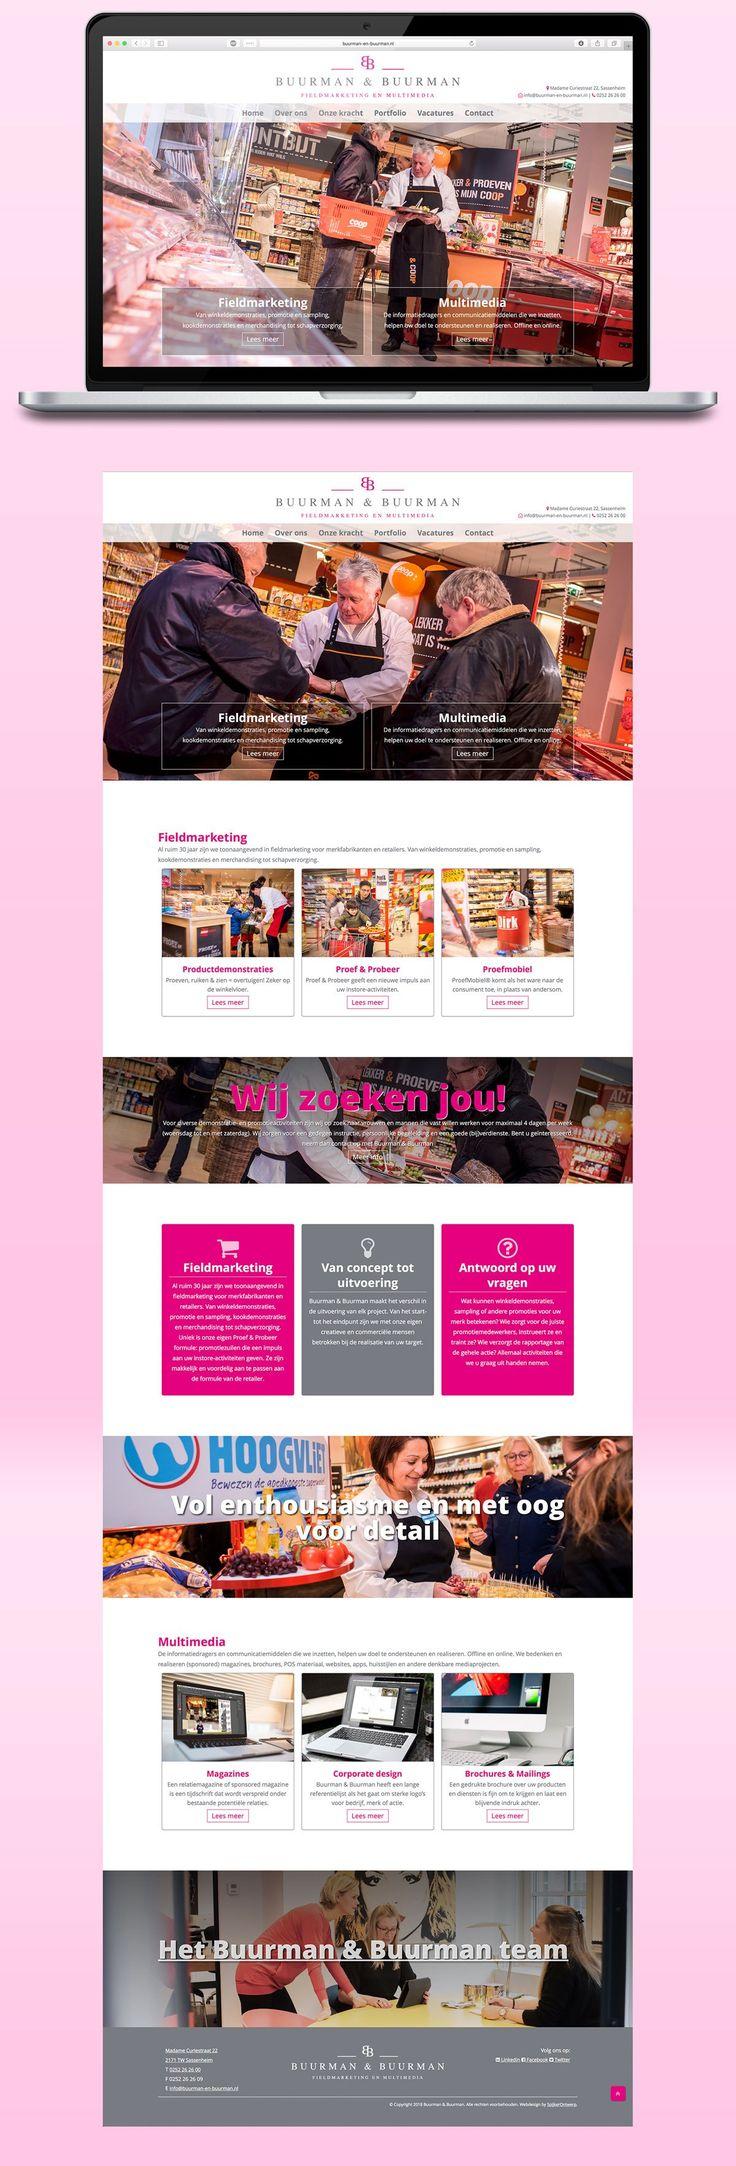 Die besten 25+ Html css Ideen auf Pinterest | Web-Entwicklung ...